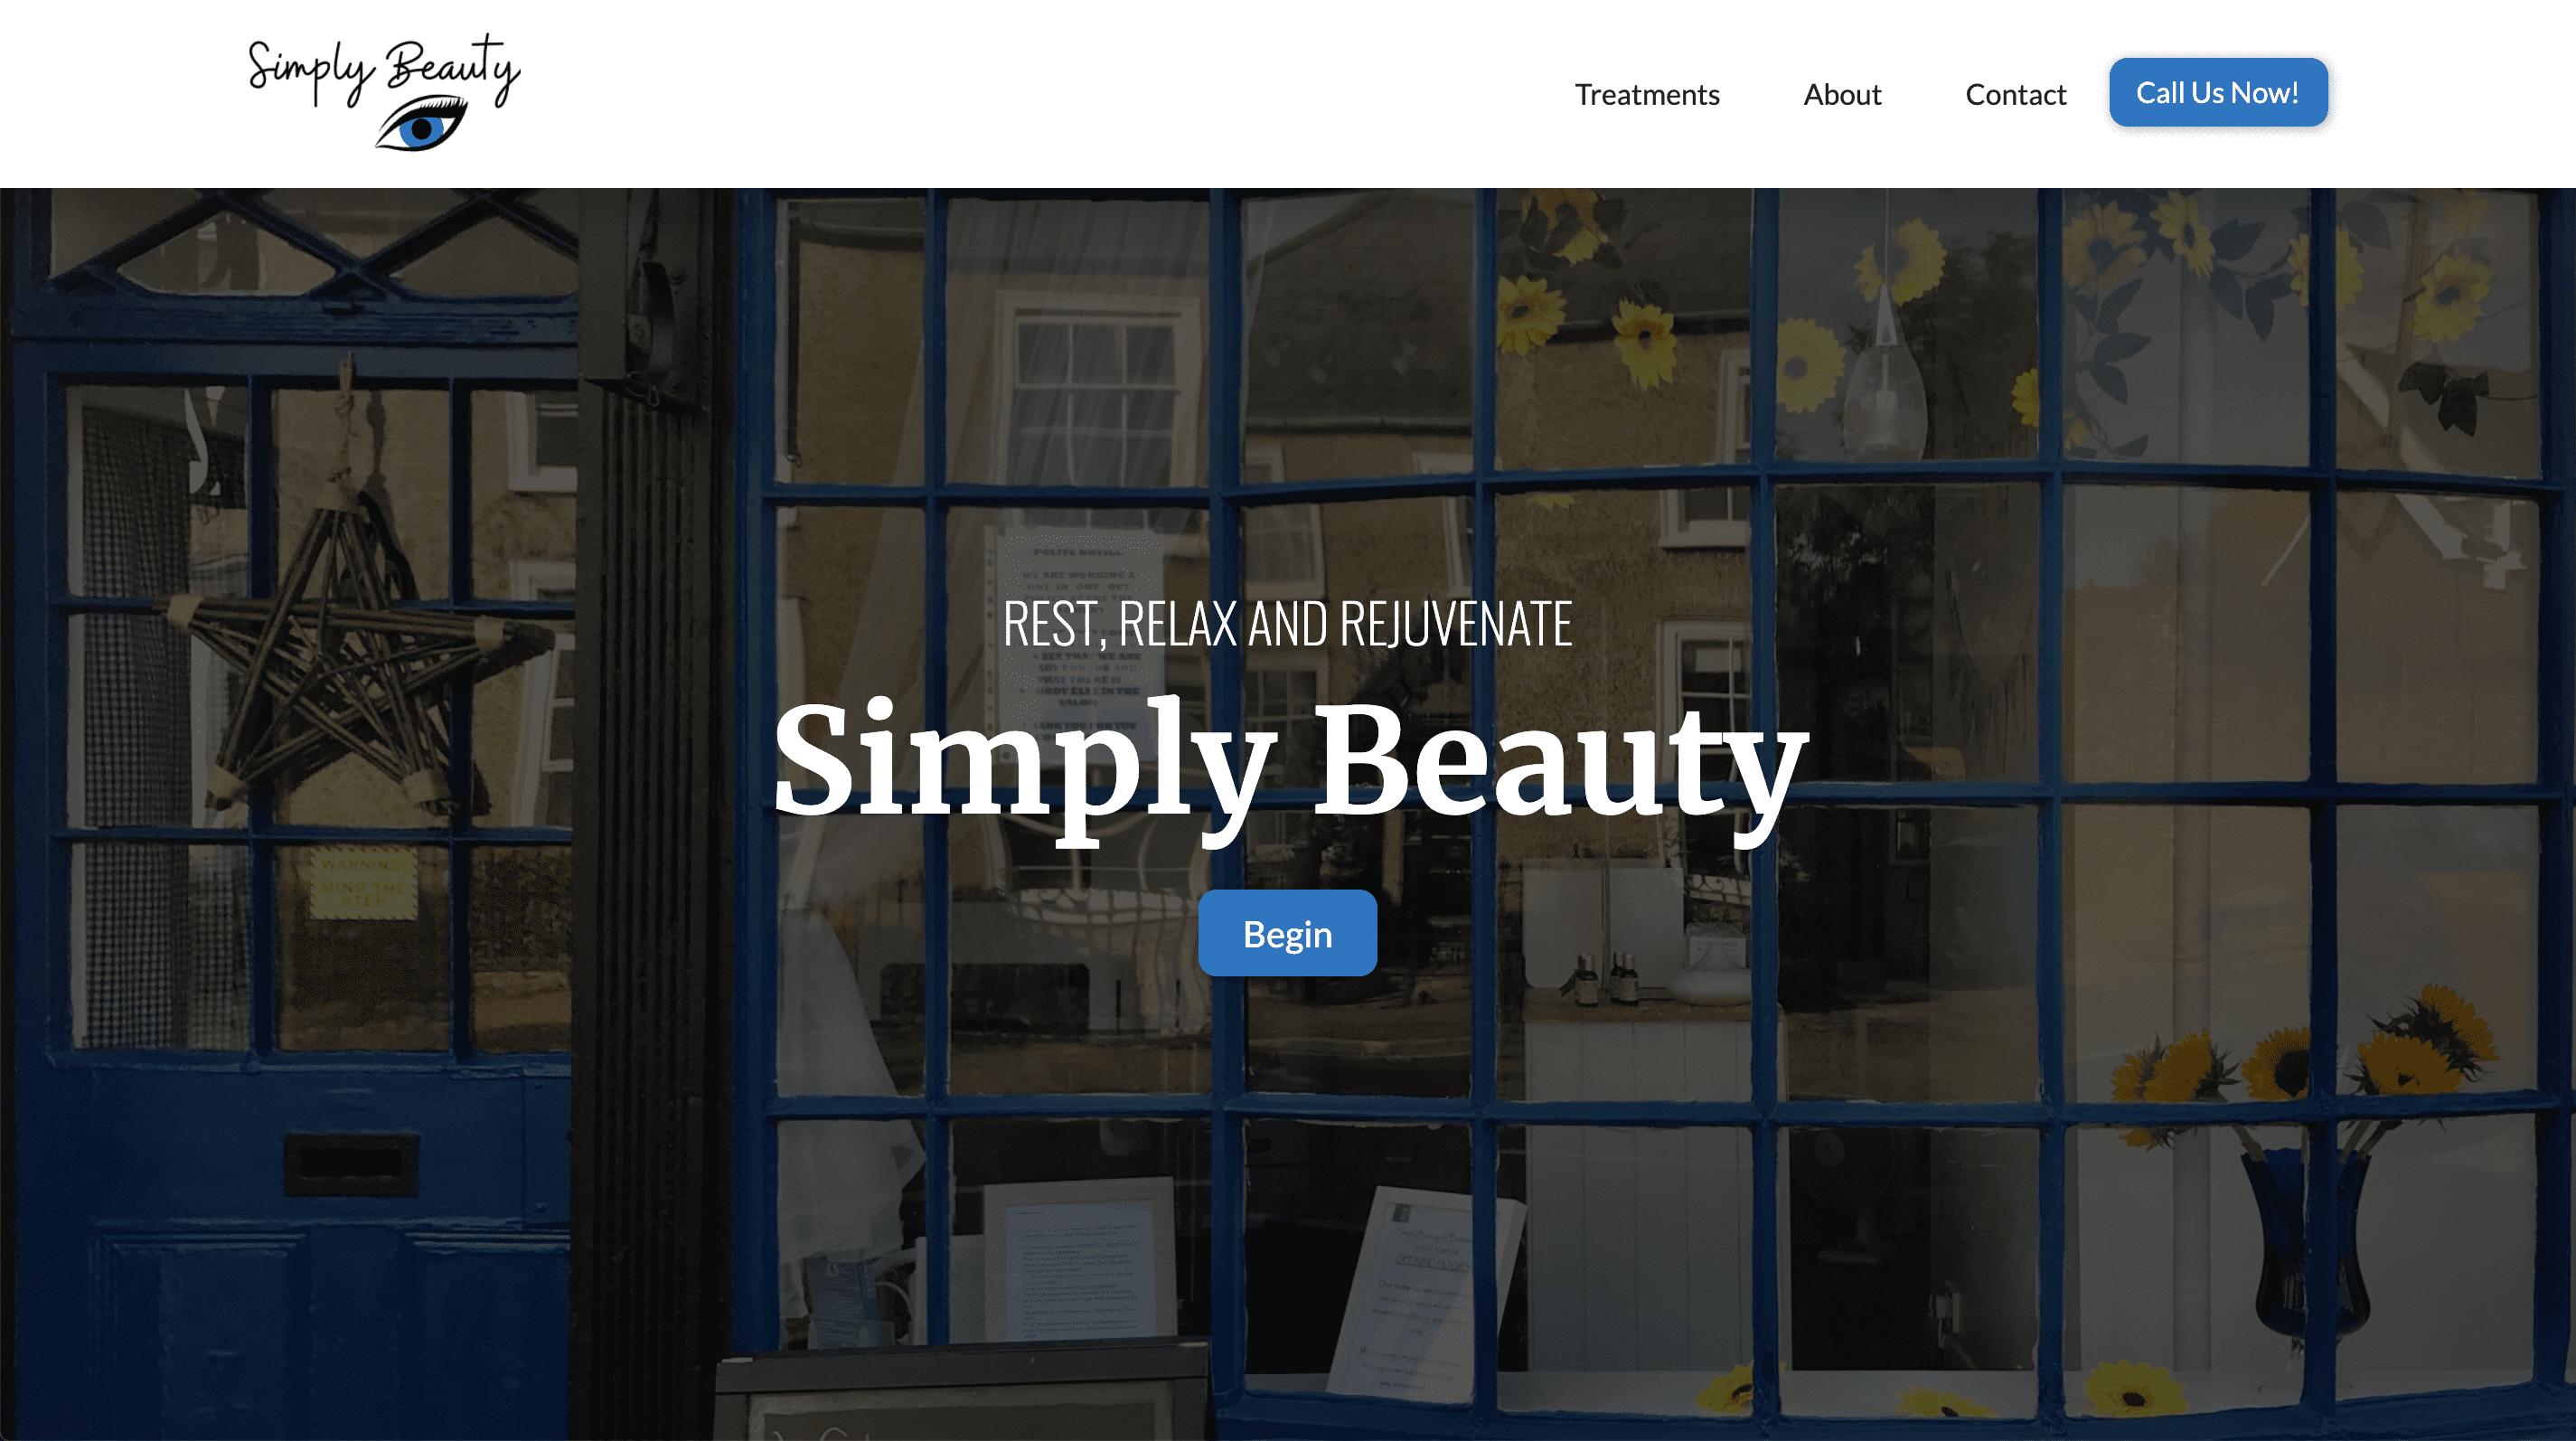 Simply Beauty website designed and built by Brett Hudson Freelance Web Designer and Webflow Developer